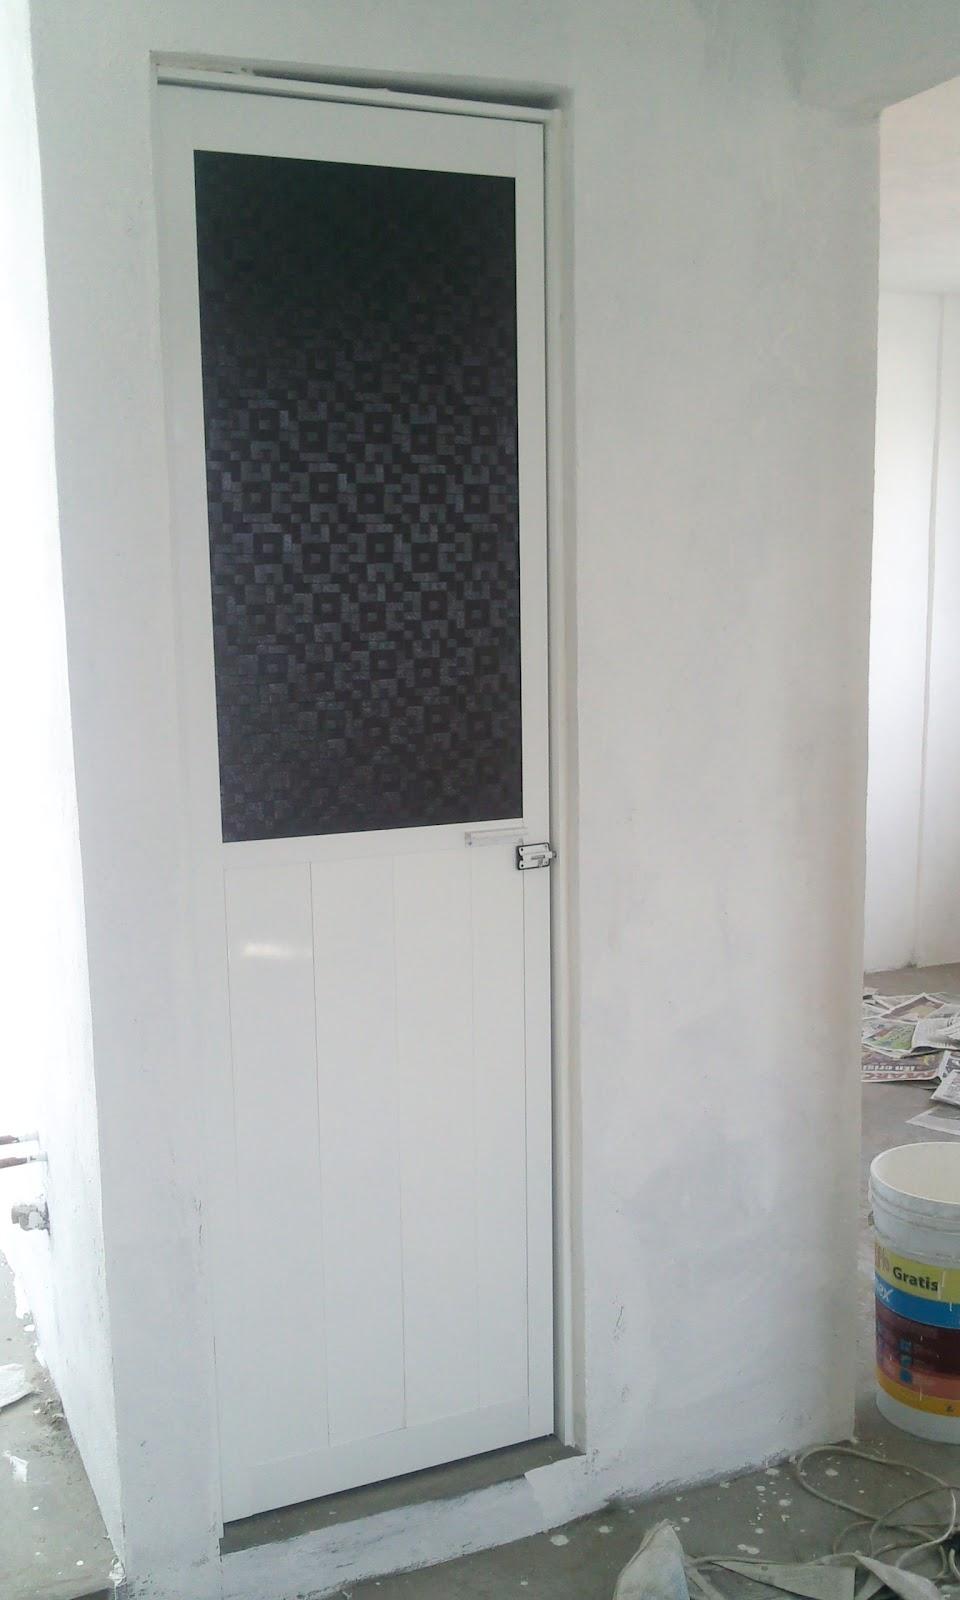 Diseno De Puertas De Aluminio Para Baño:Puerta de aluminio para baño mitad duela y plastico de figura humo